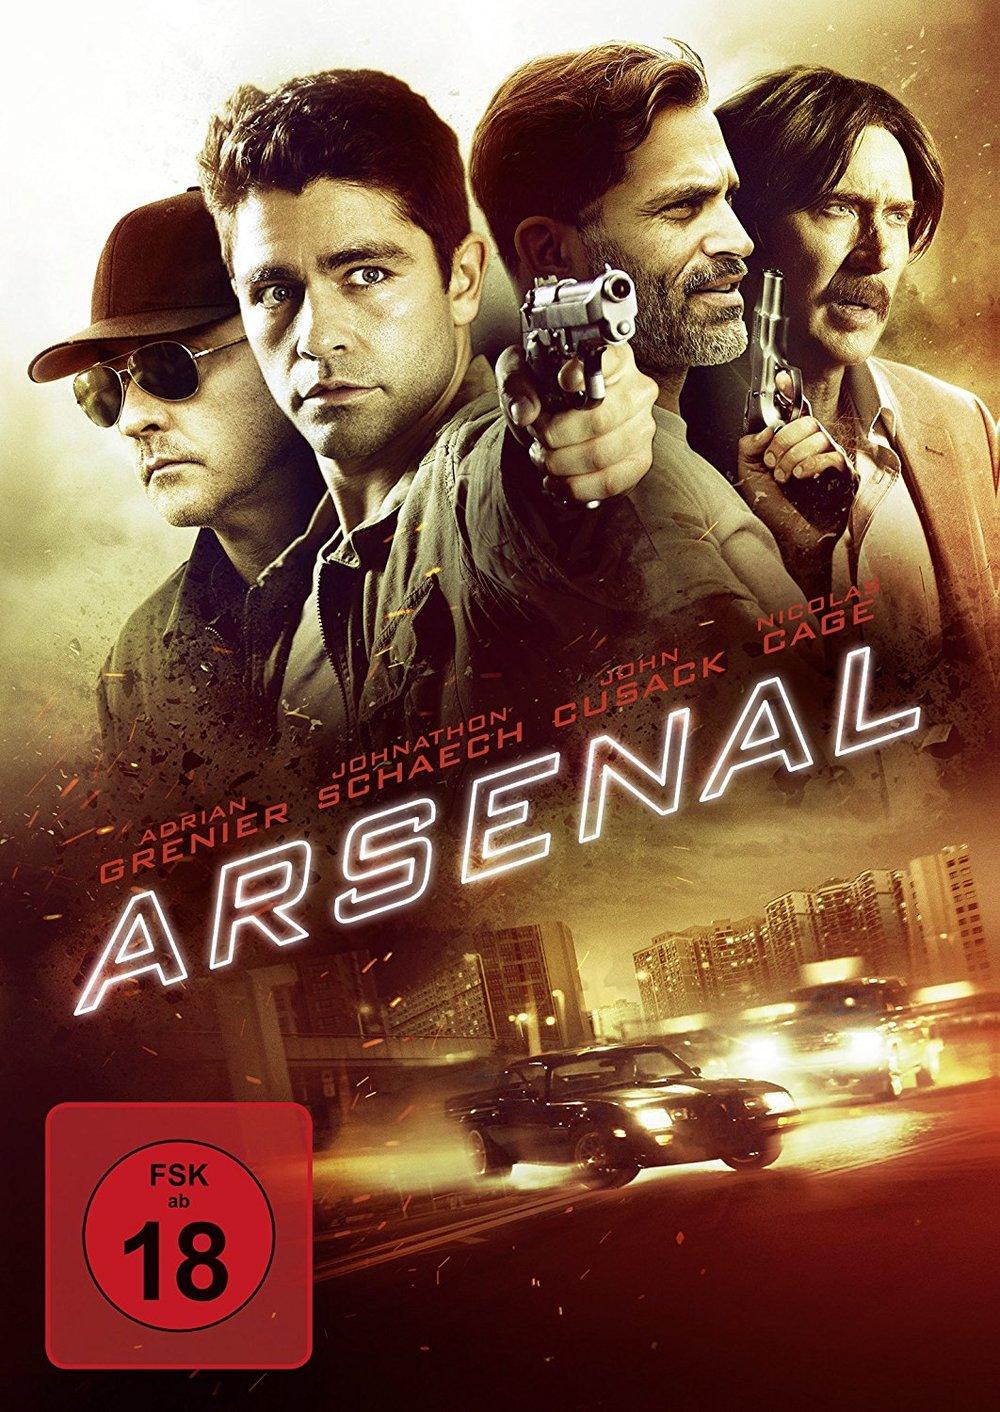 """Wir verlosen """"Arsenal"""" mit Nicolas Cage und John Cusack auf DVD"""